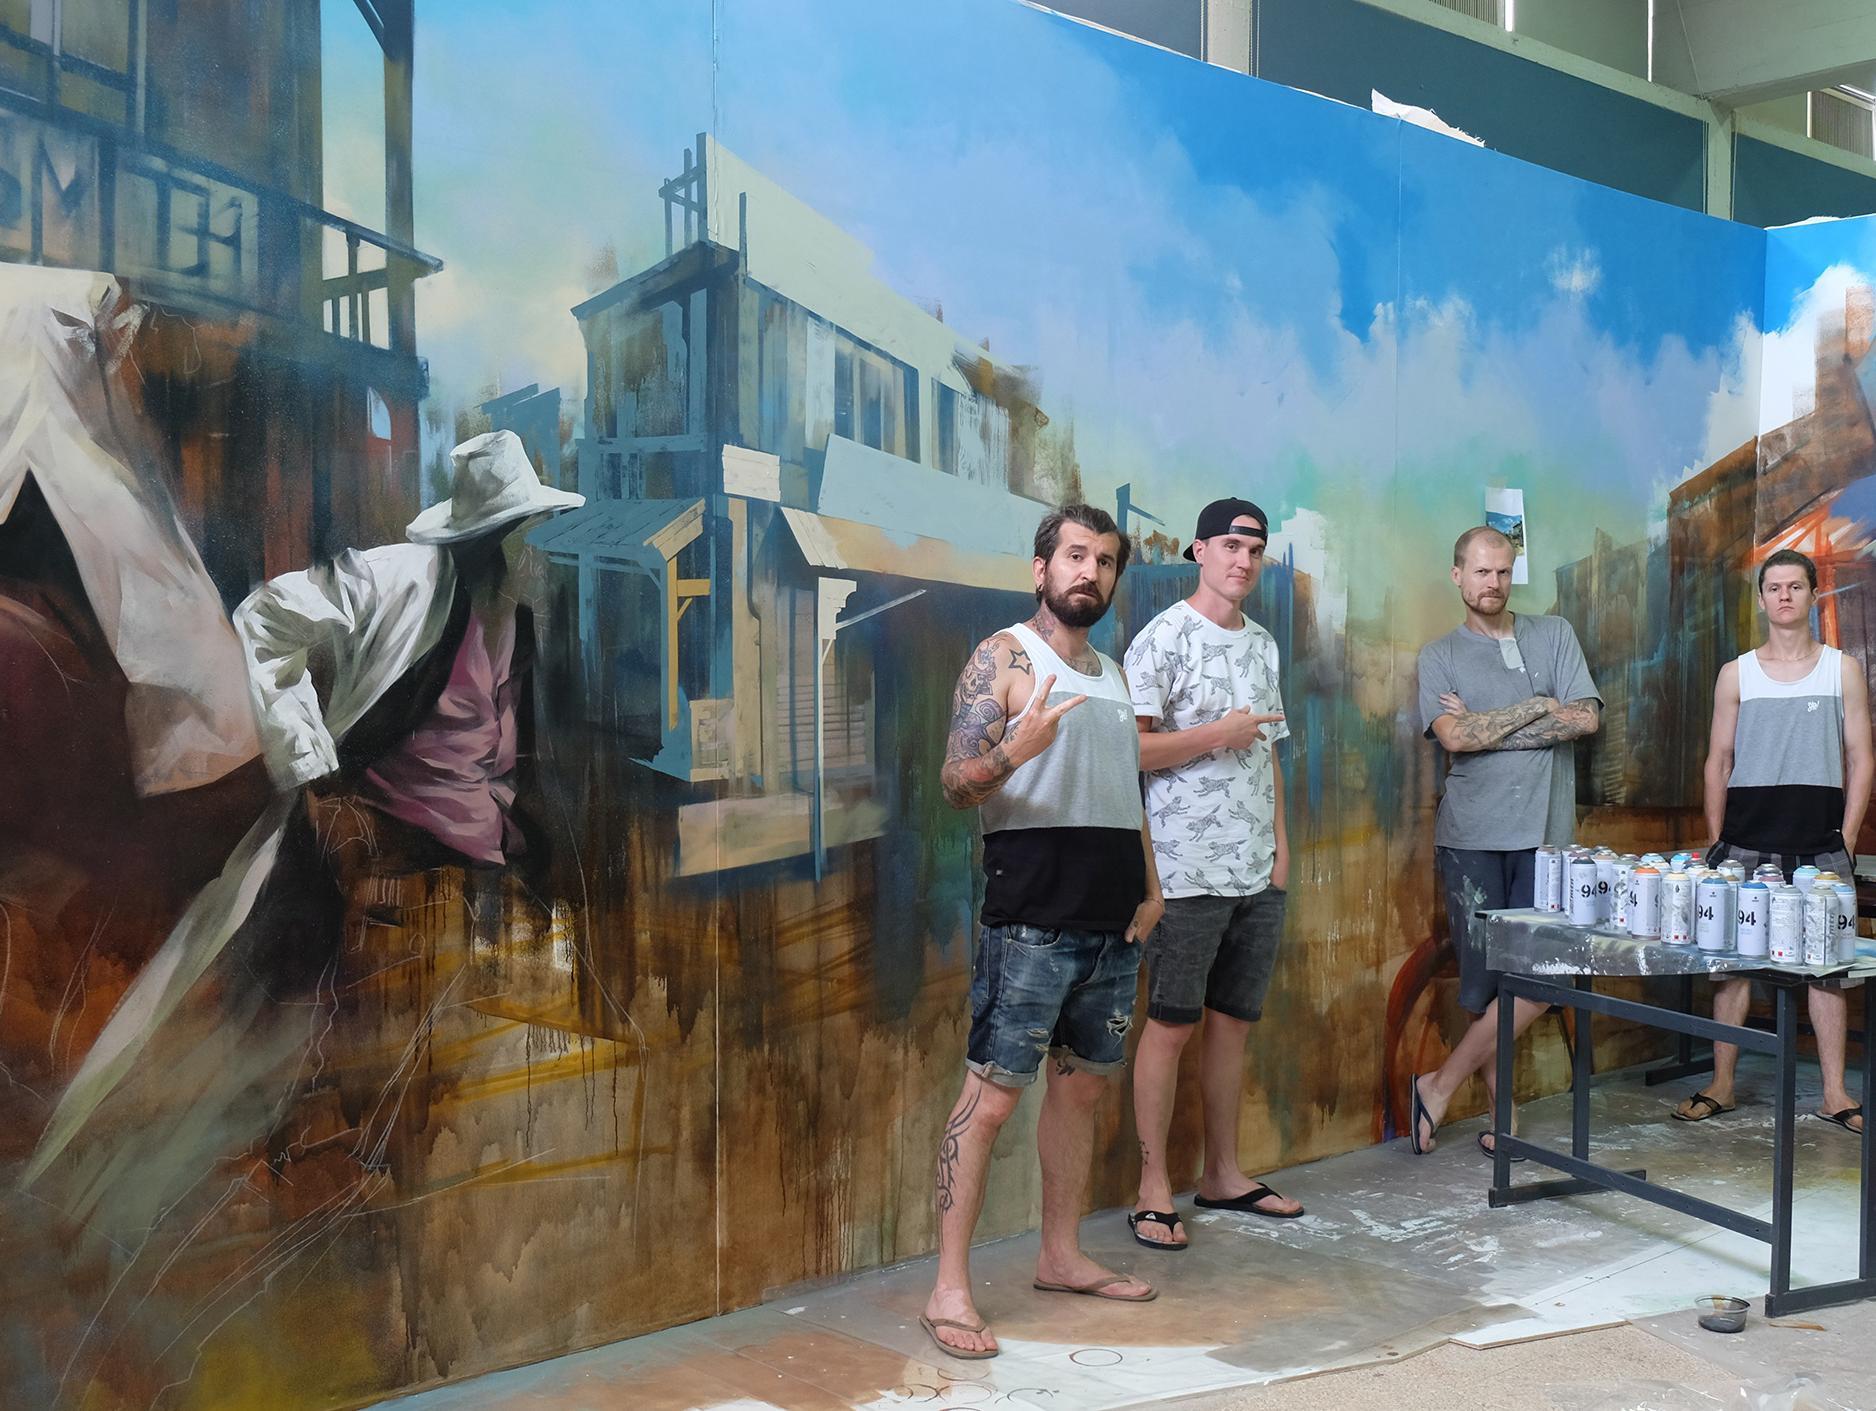 לראשונה בבאר שבע: תערוכה בינלאומית של 5 אמנים